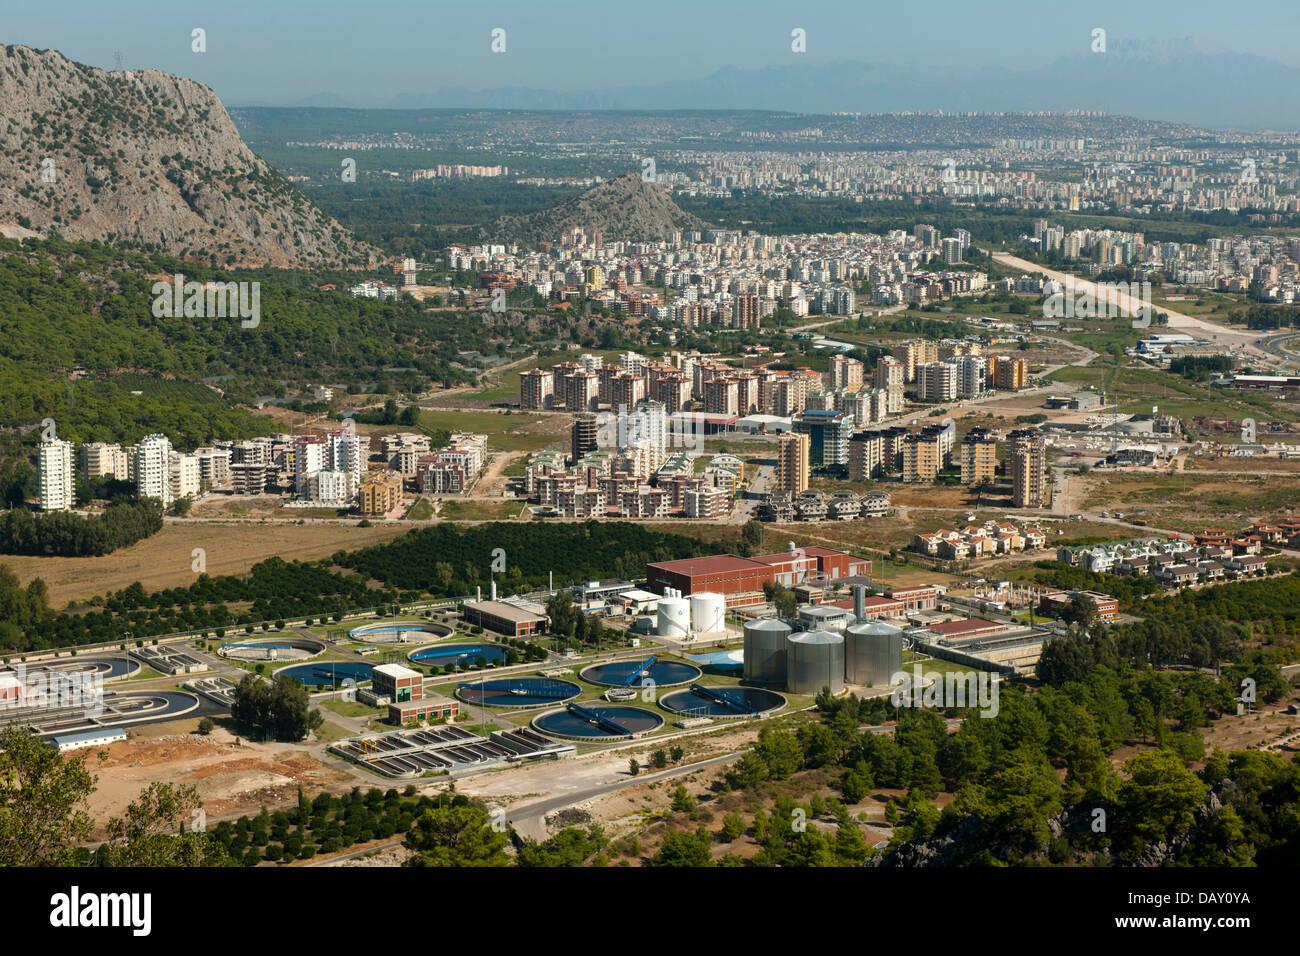 Türkei, Provinz Antalya, Blick auf die Bucht von Antalya vom Tünektepe - Stock Image